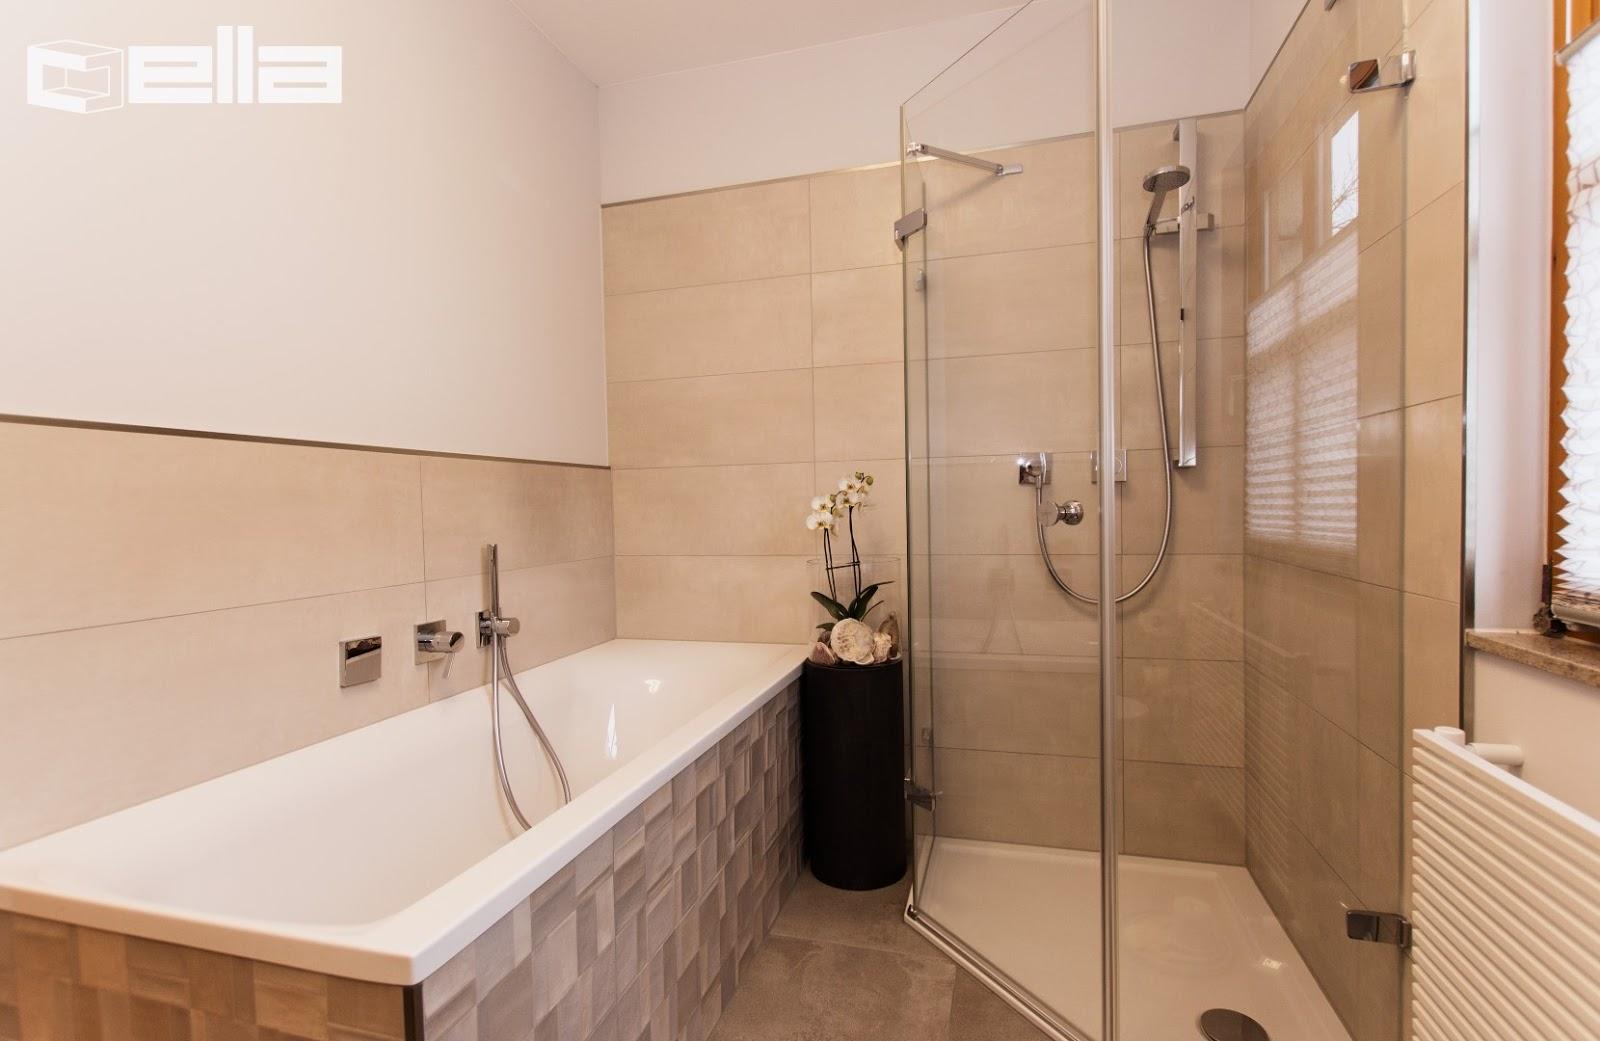 Badsanierung München badsanierung in gauting cella gmbh badsanierung und badrenovierung